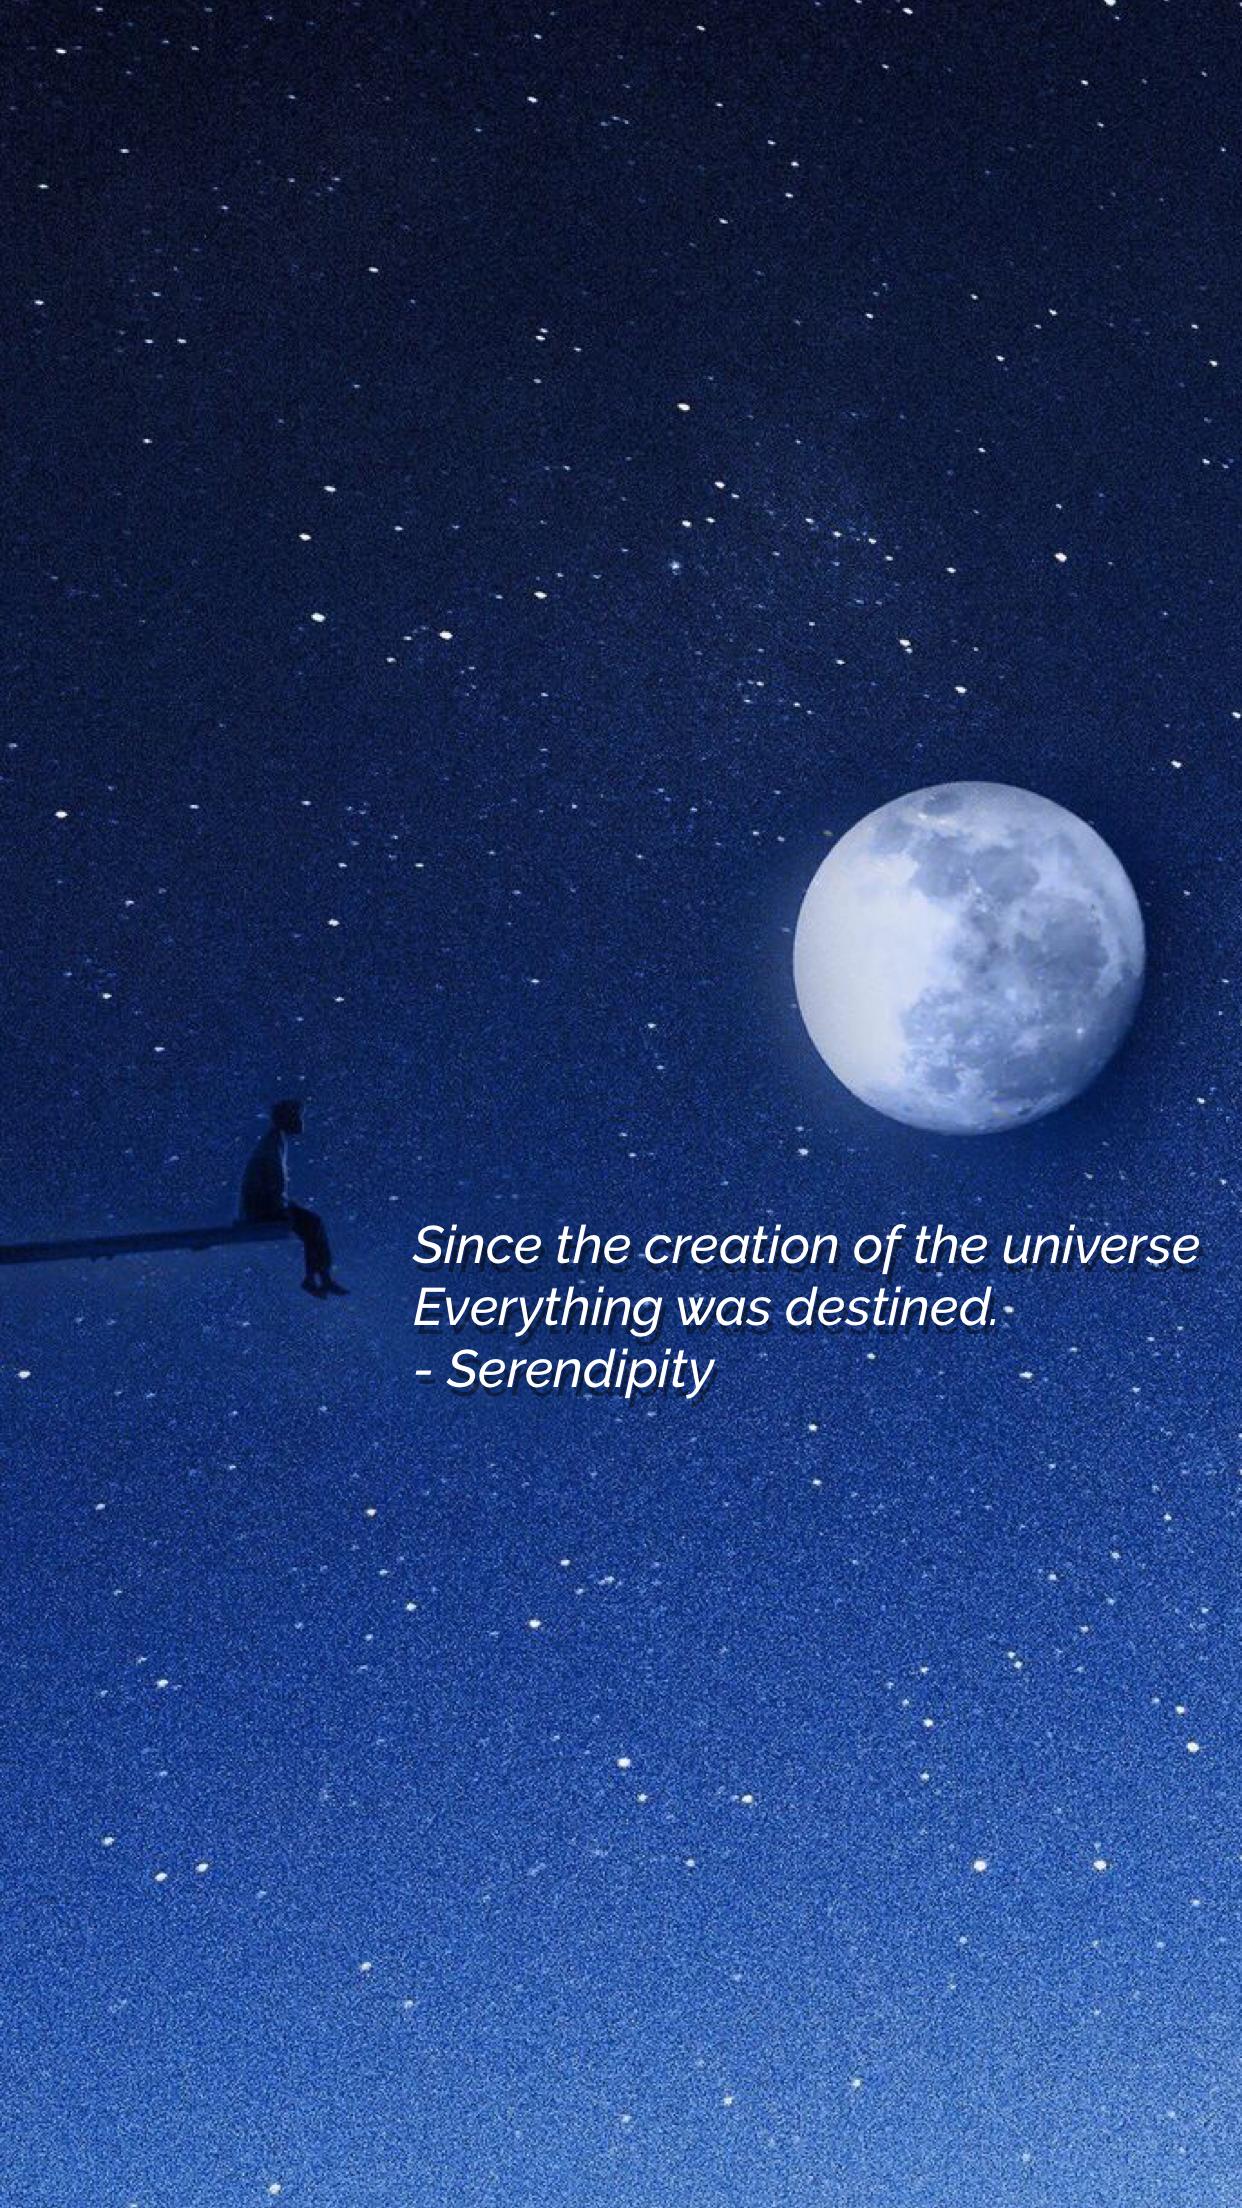 Desde la creación del Universo, todo está destinado. Serendipity.